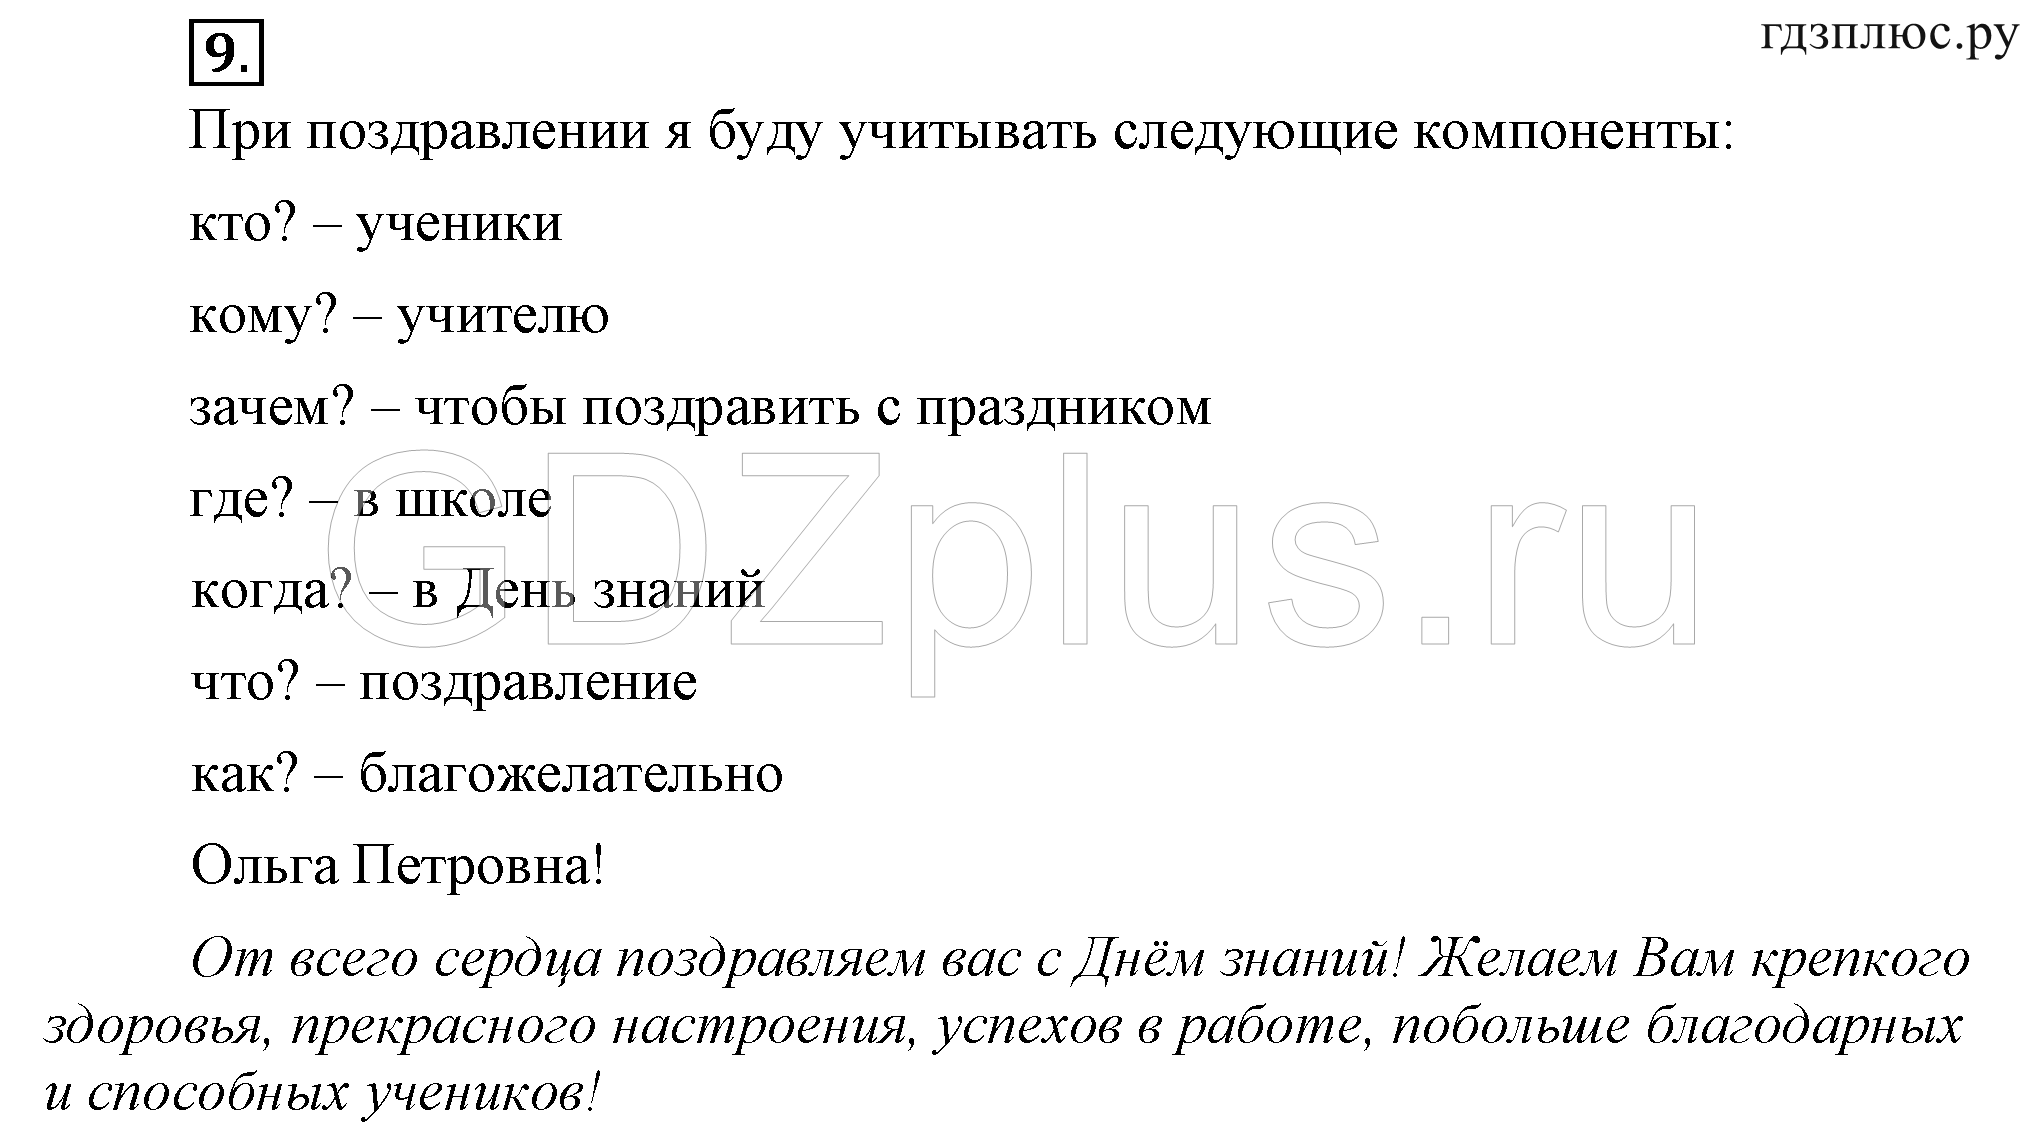 Ответы на повторение контрольные вопросы и задания по русскому языку 6 класс баранов